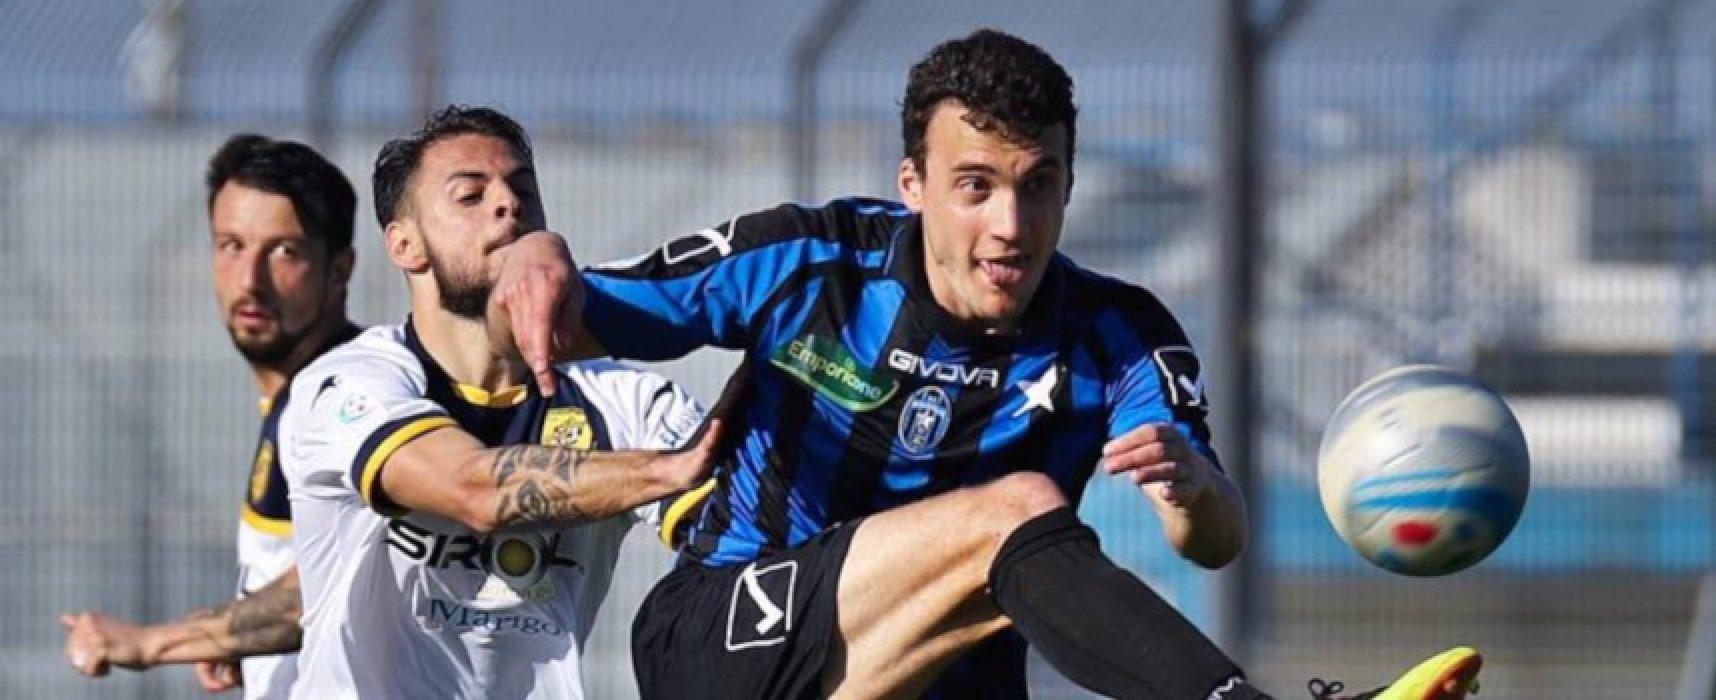 Bisceglie Calcio: sfida al Catania al termine di una settimana turbolenta